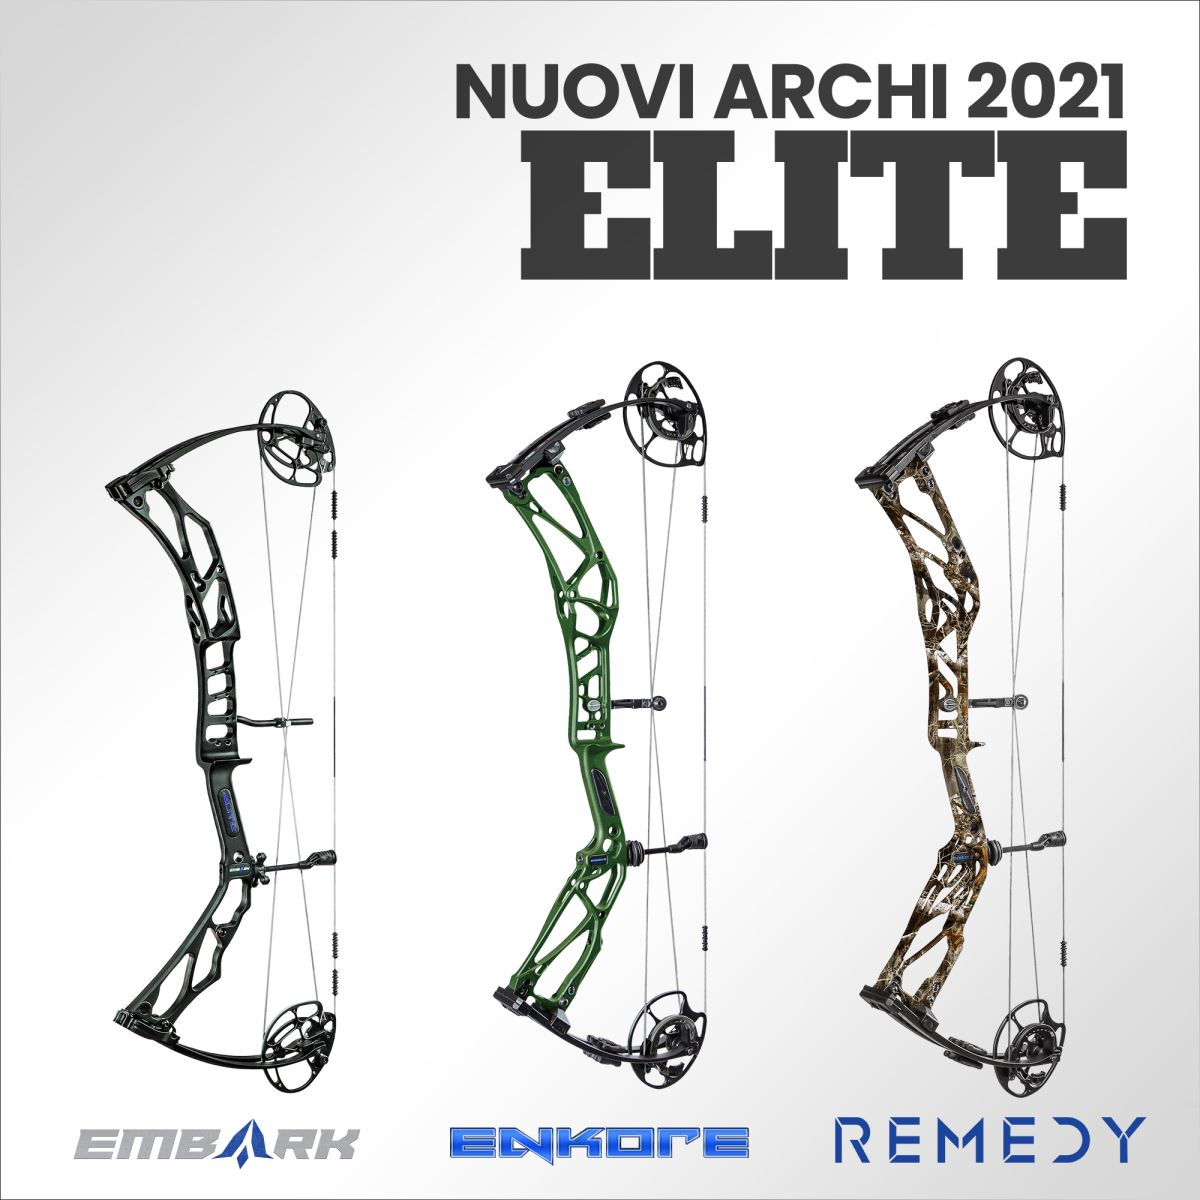 Nuovi Archi Compound Elite 2021, scoprili tutti!